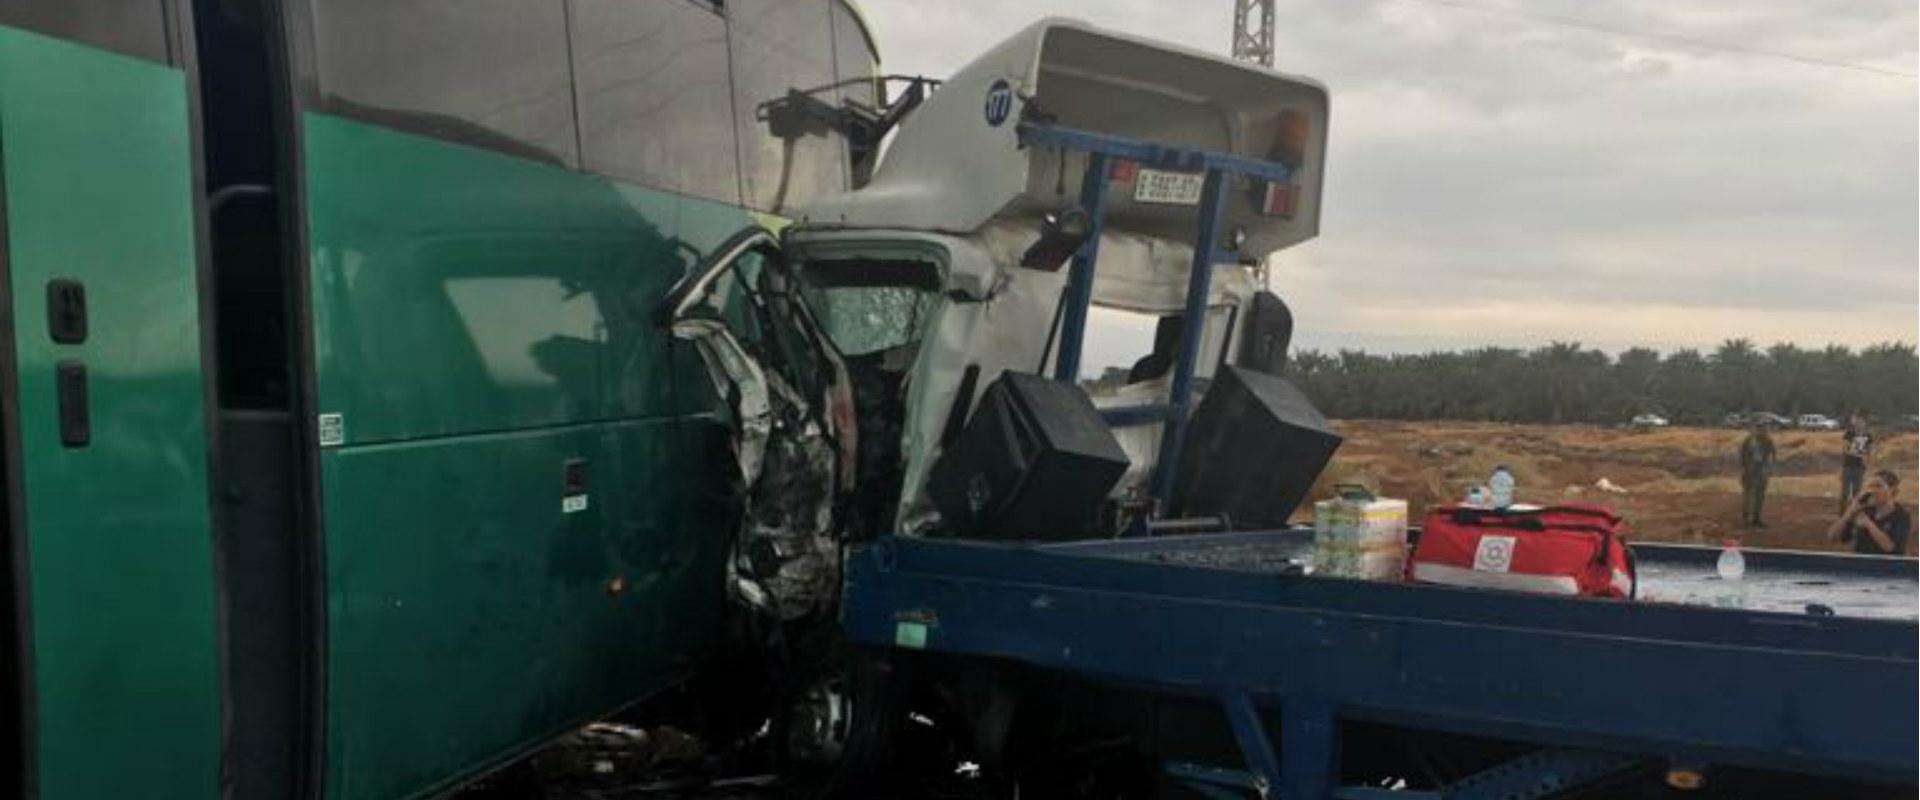 תאונת הדרכים סמוך לפצאל, היום